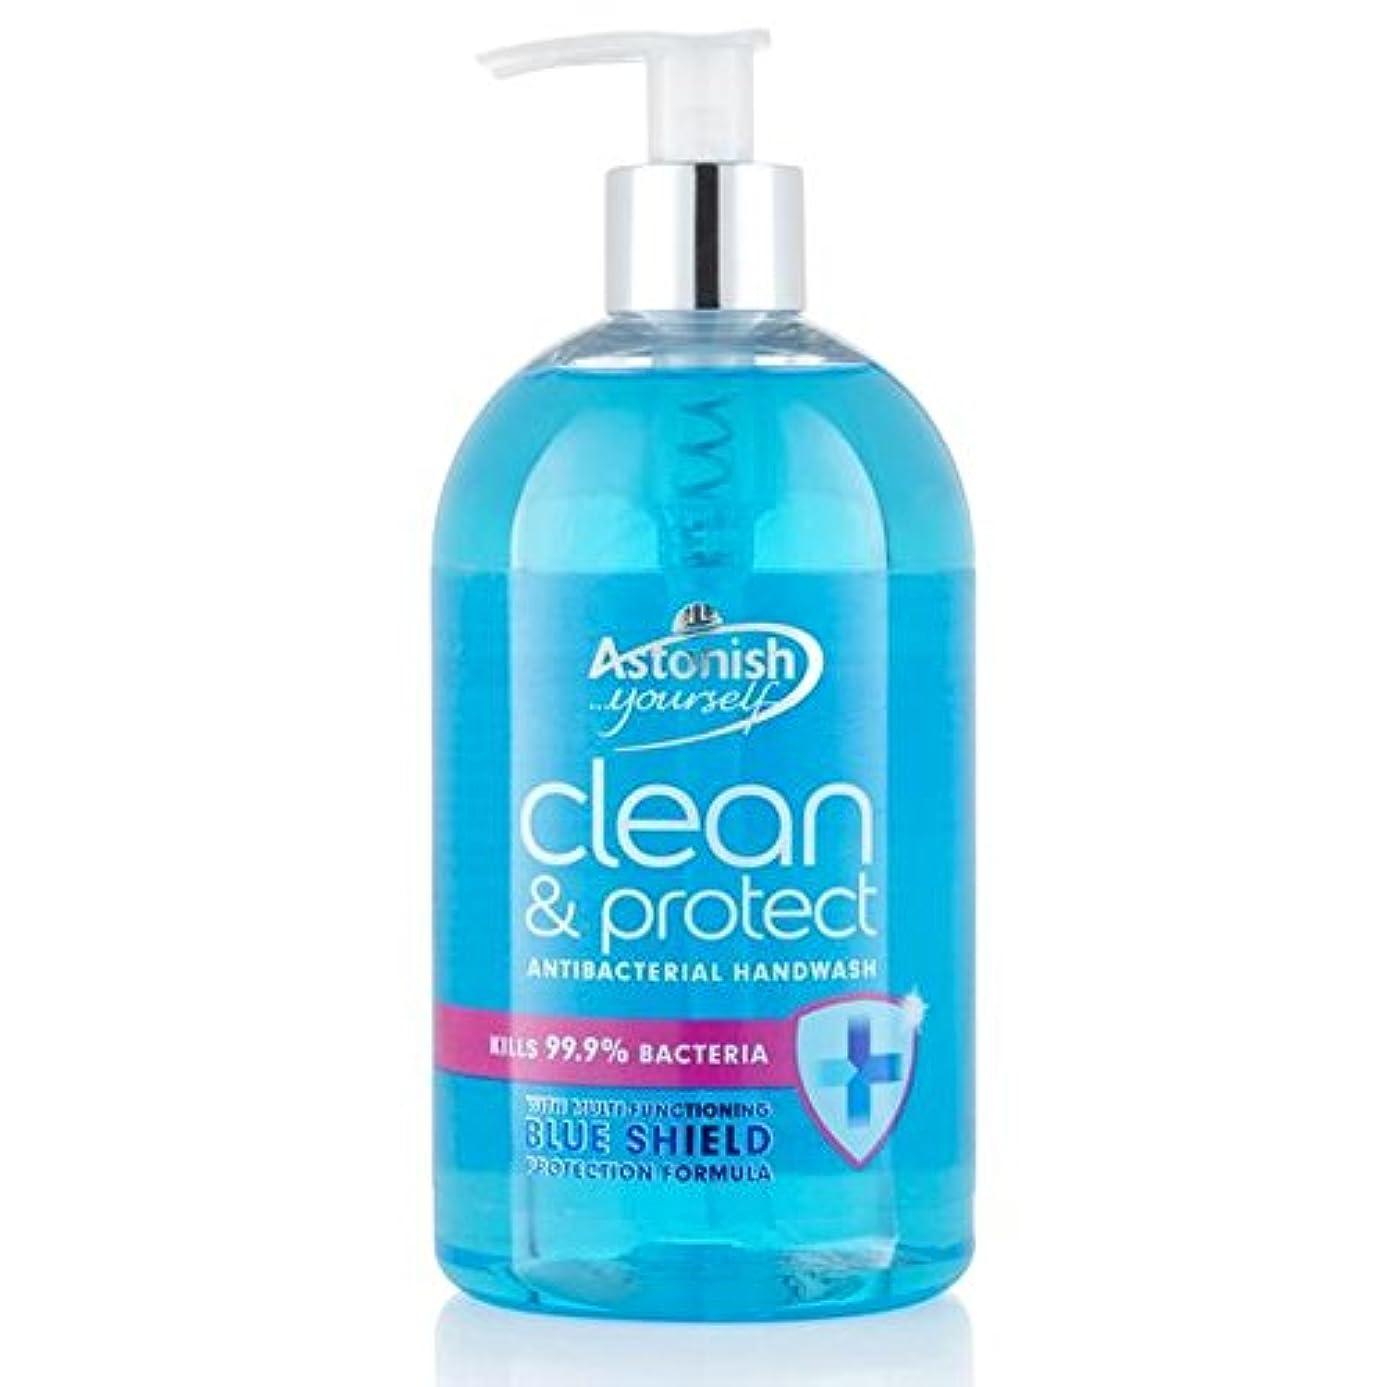 簡単な失効ソブリケットAstonish Clean & Protect Hand Wash 500ml - クリーン驚か&ハンドウォッシュ500ミリリットルを保護 [並行輸入品]